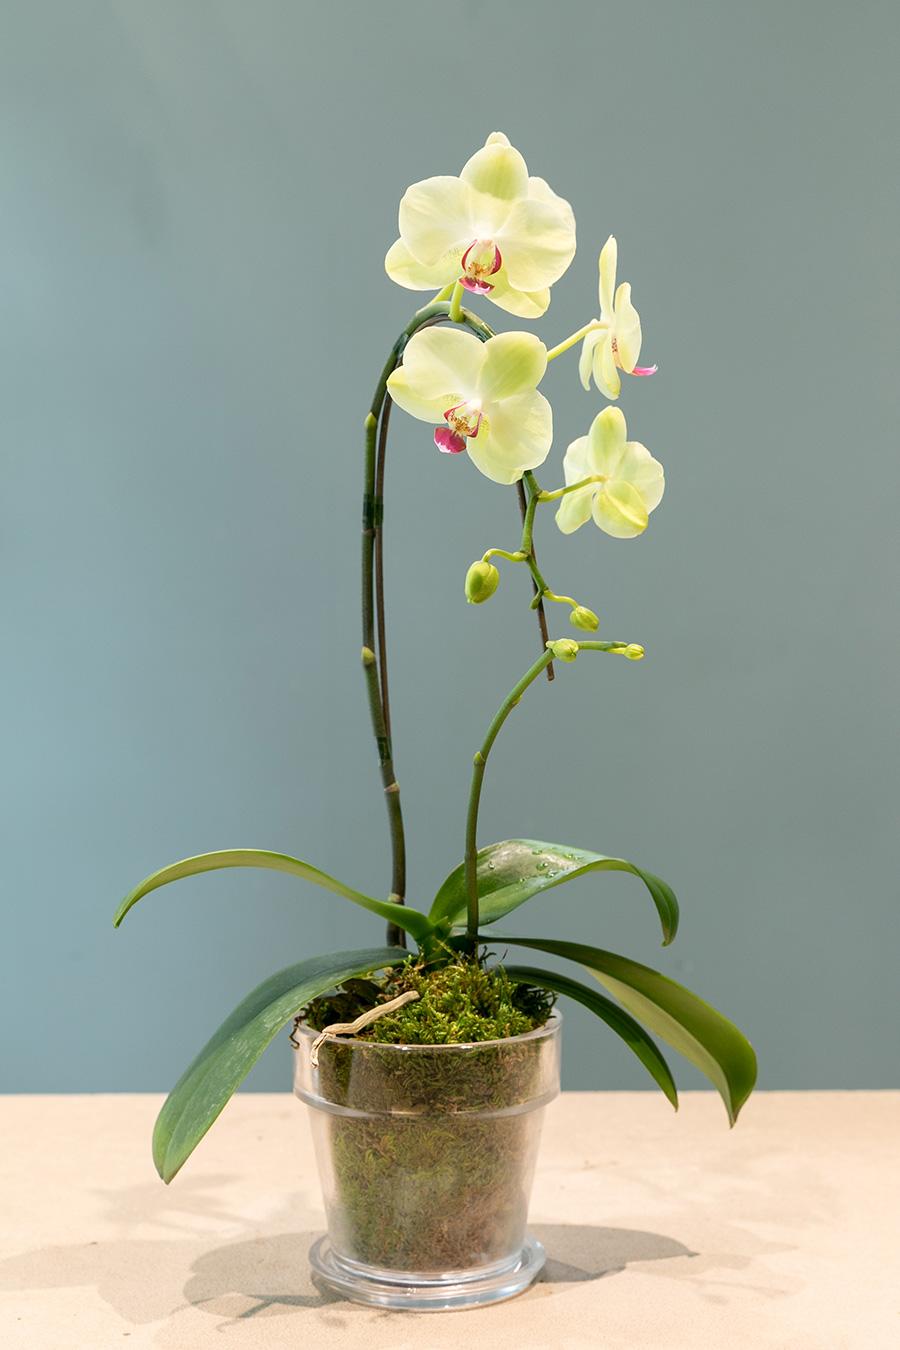 [Phal. Fortune Saltzman]お祝い花として知られるファレノプシス・フォーチュン サルツマンは品種改良されたファレノプシス(胡蝶蘭)。胡蝶蘭は花の色も様々。こちらは花のサイズが小さめのミディ。着生蘭なので必ず水苔で育てる。土はNG。